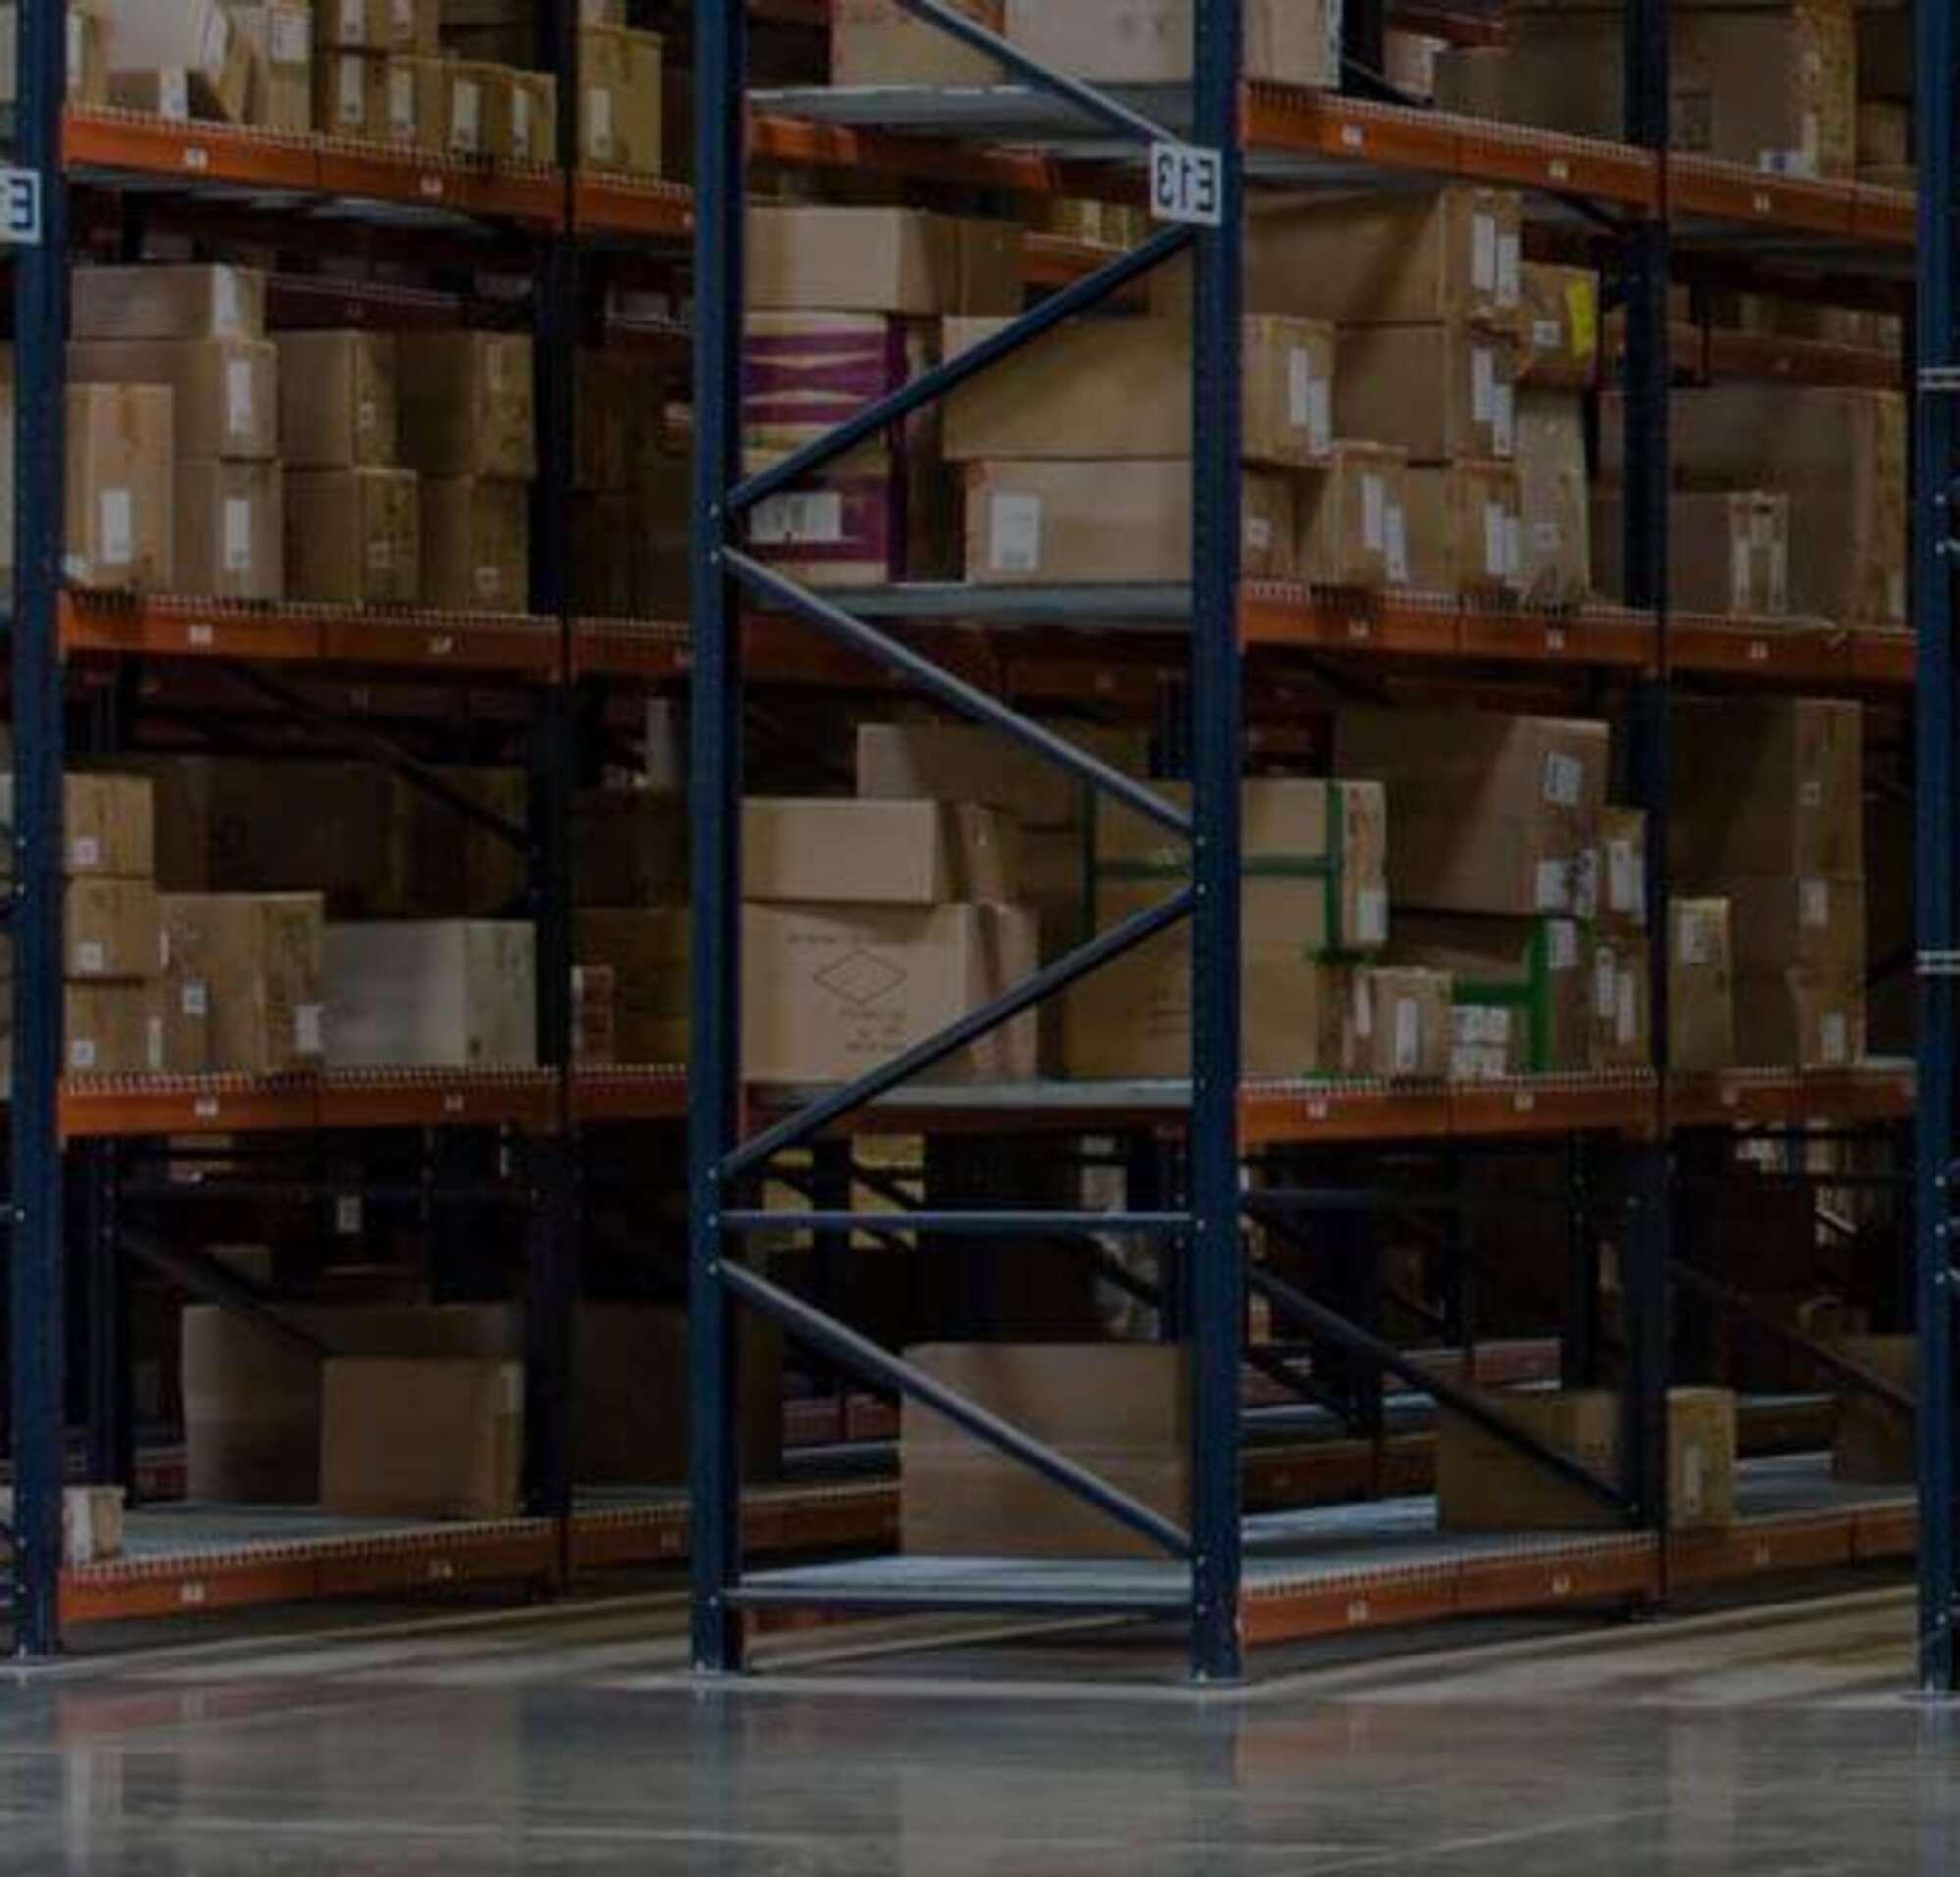 Dos personas en un almacén lleno de cajas.